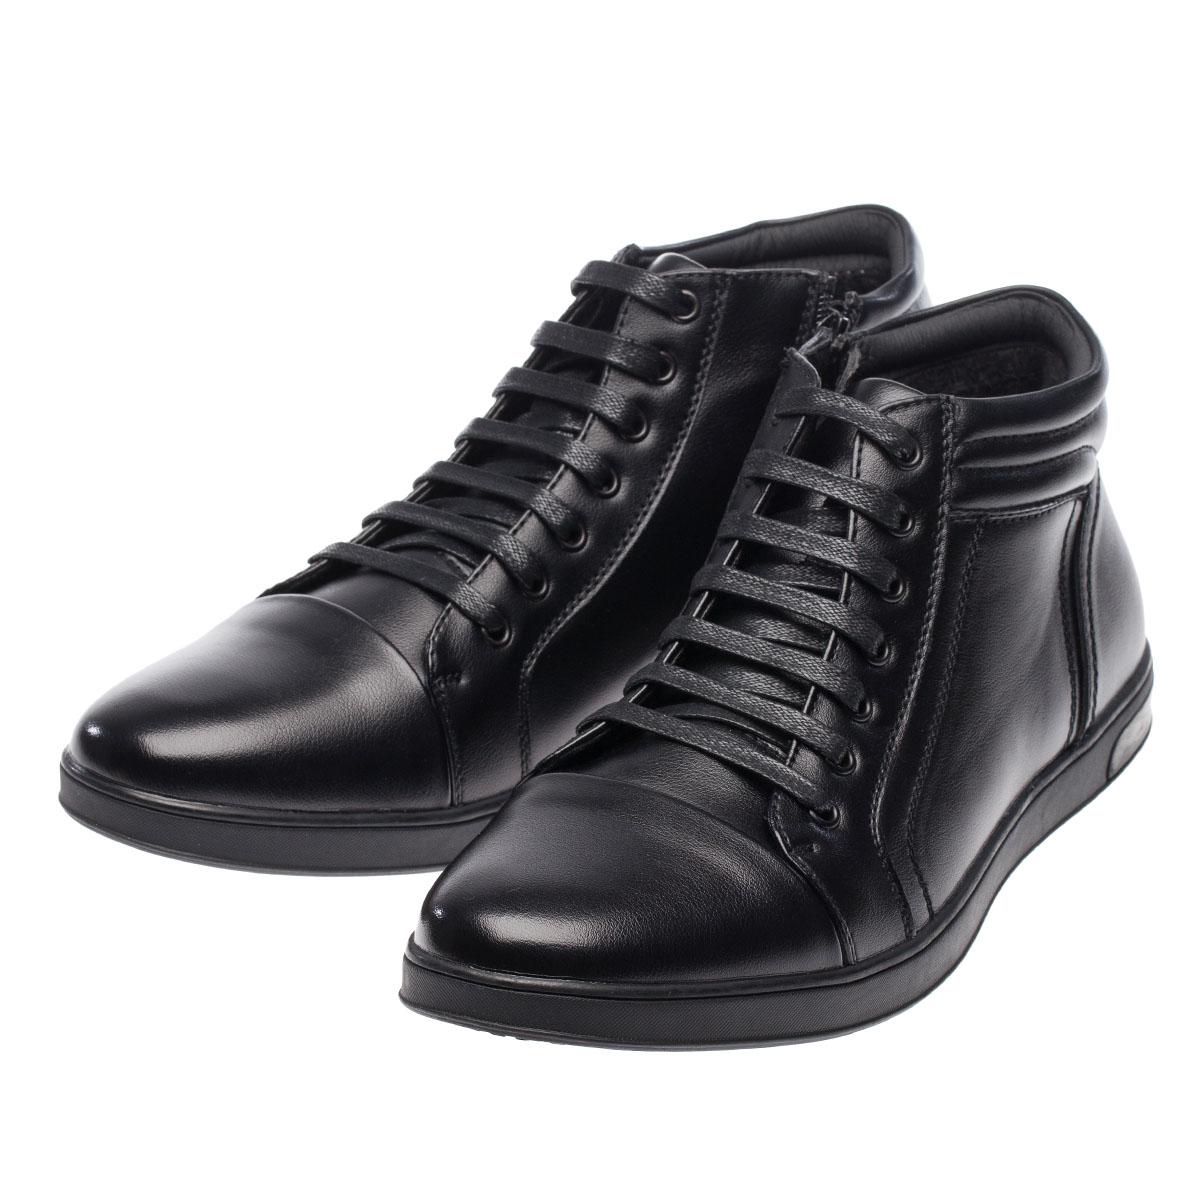 Фото - Ботинки демисезонные FERTO, 1804-1 ботинки демисезонные ferto skl 008